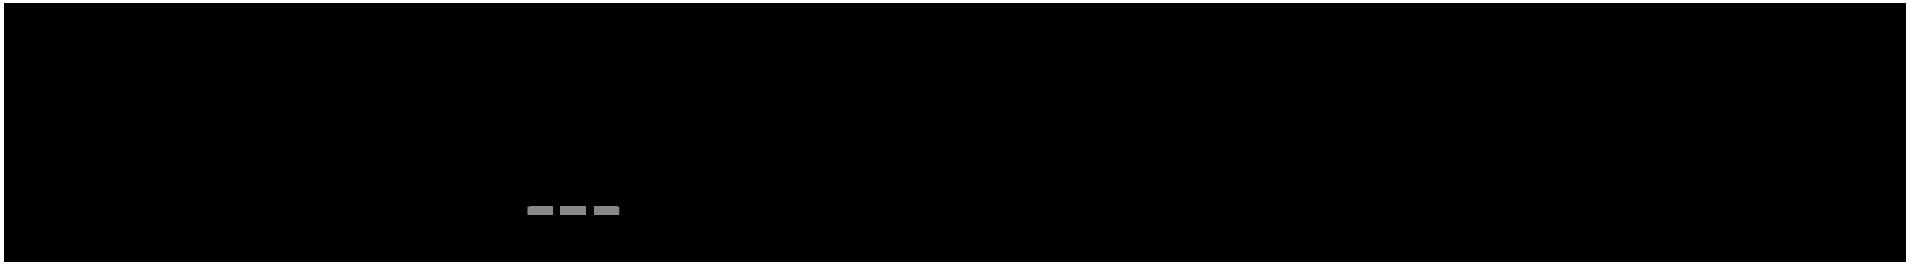 Umrichter-tech2